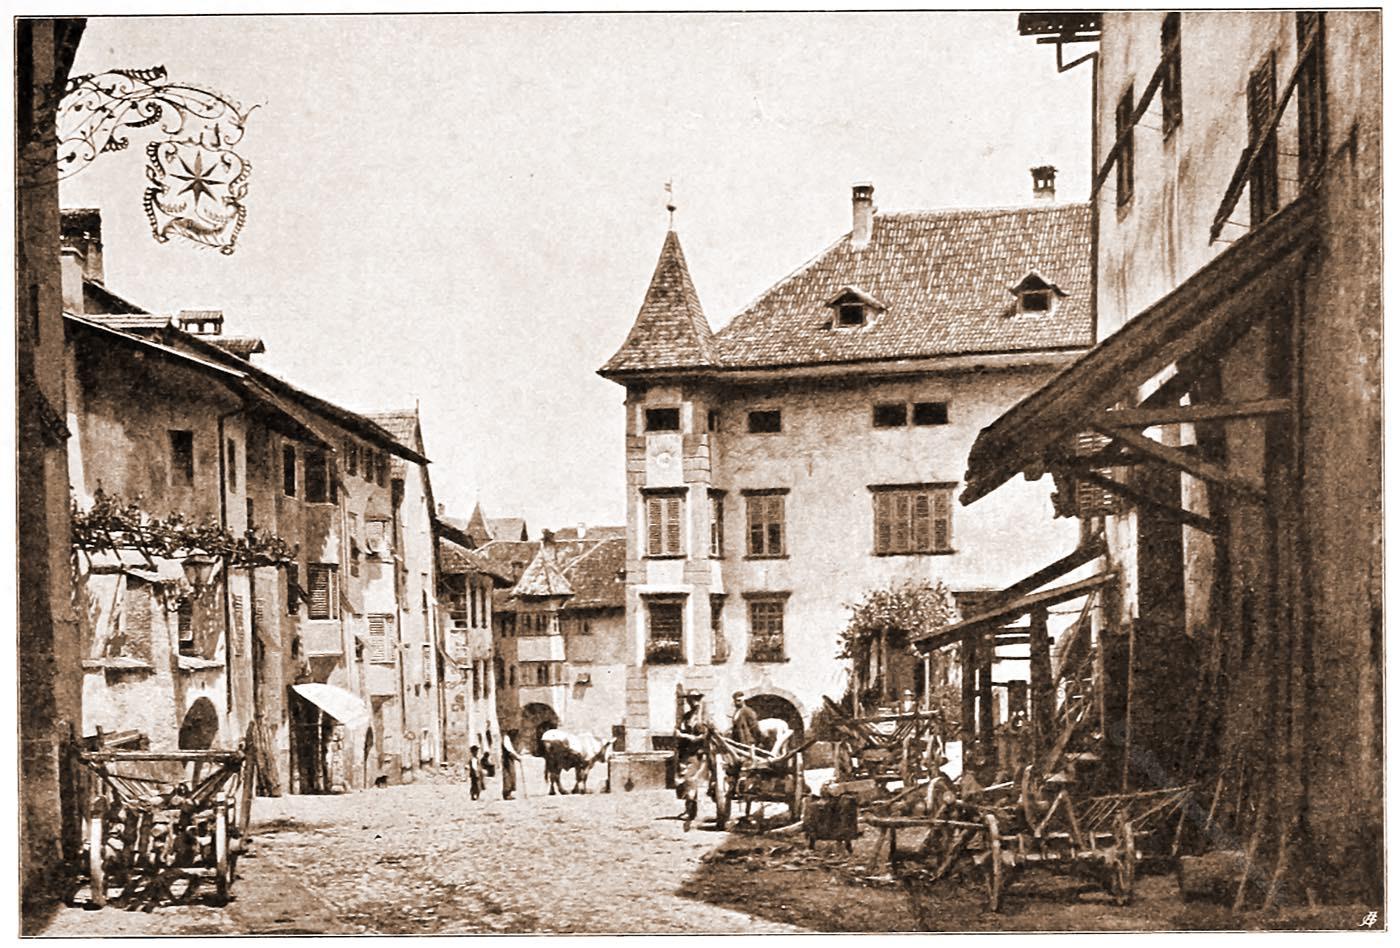 Stadtansicht, Zentrum, Kaltern, Tirol, Architektur, Österreich, Hartwig, Fischel,